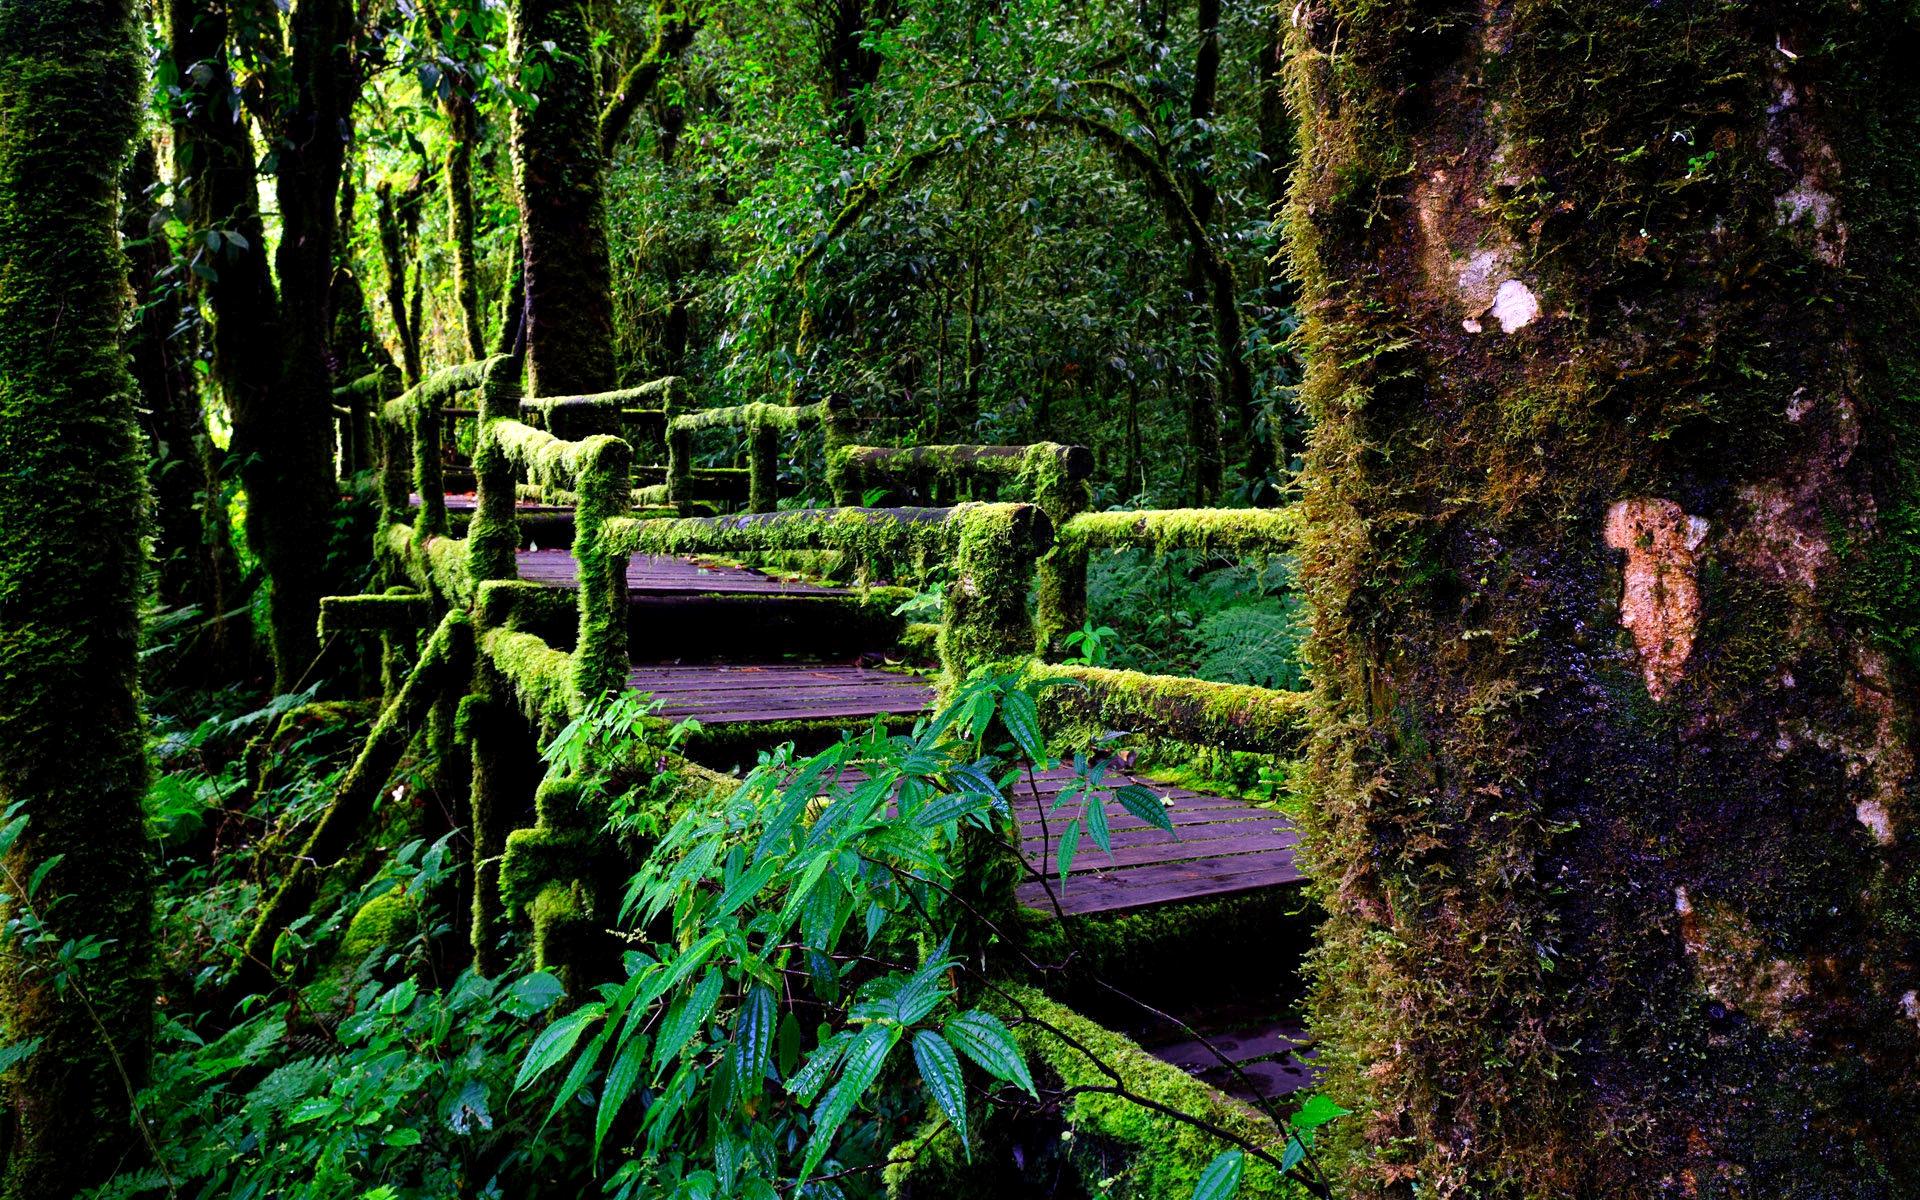 rainforest hd desktop wallpapers - photo #12